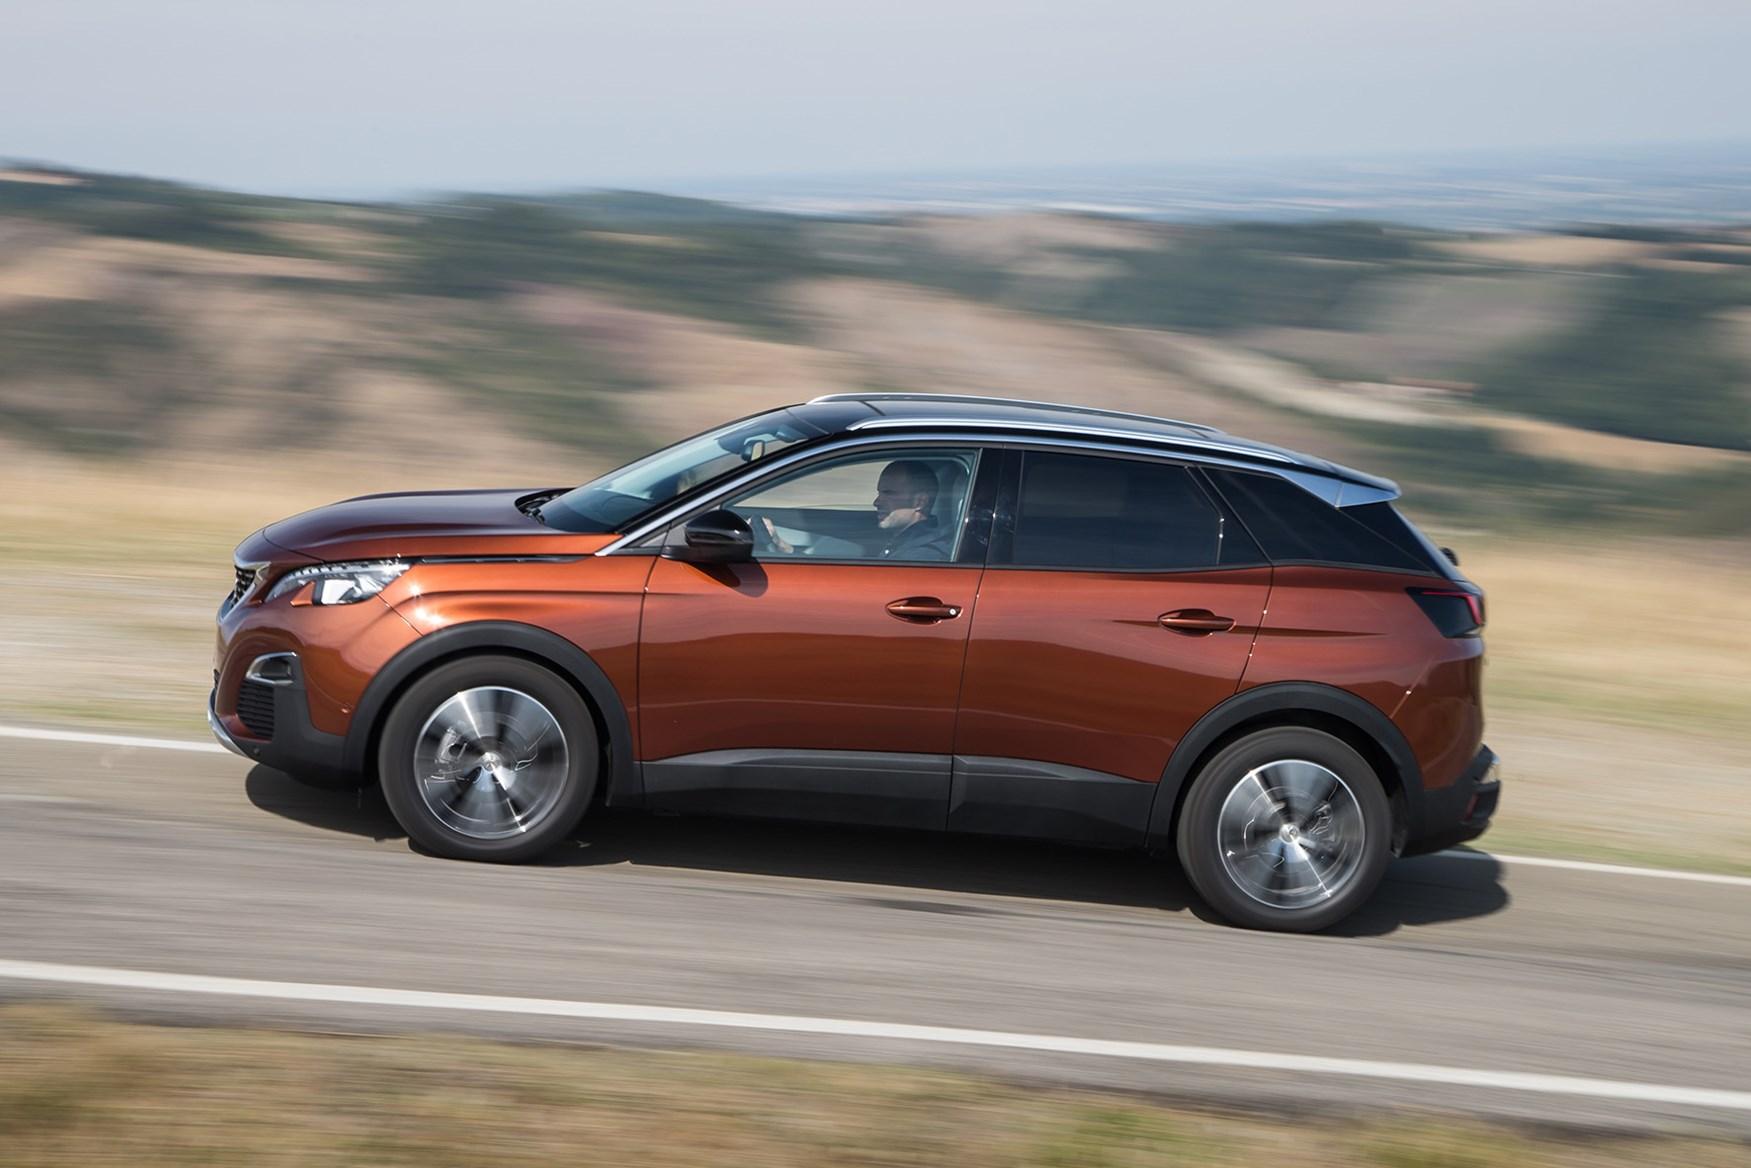 Peugeot 3008 SUV (2016 - ) Photos | Parkers